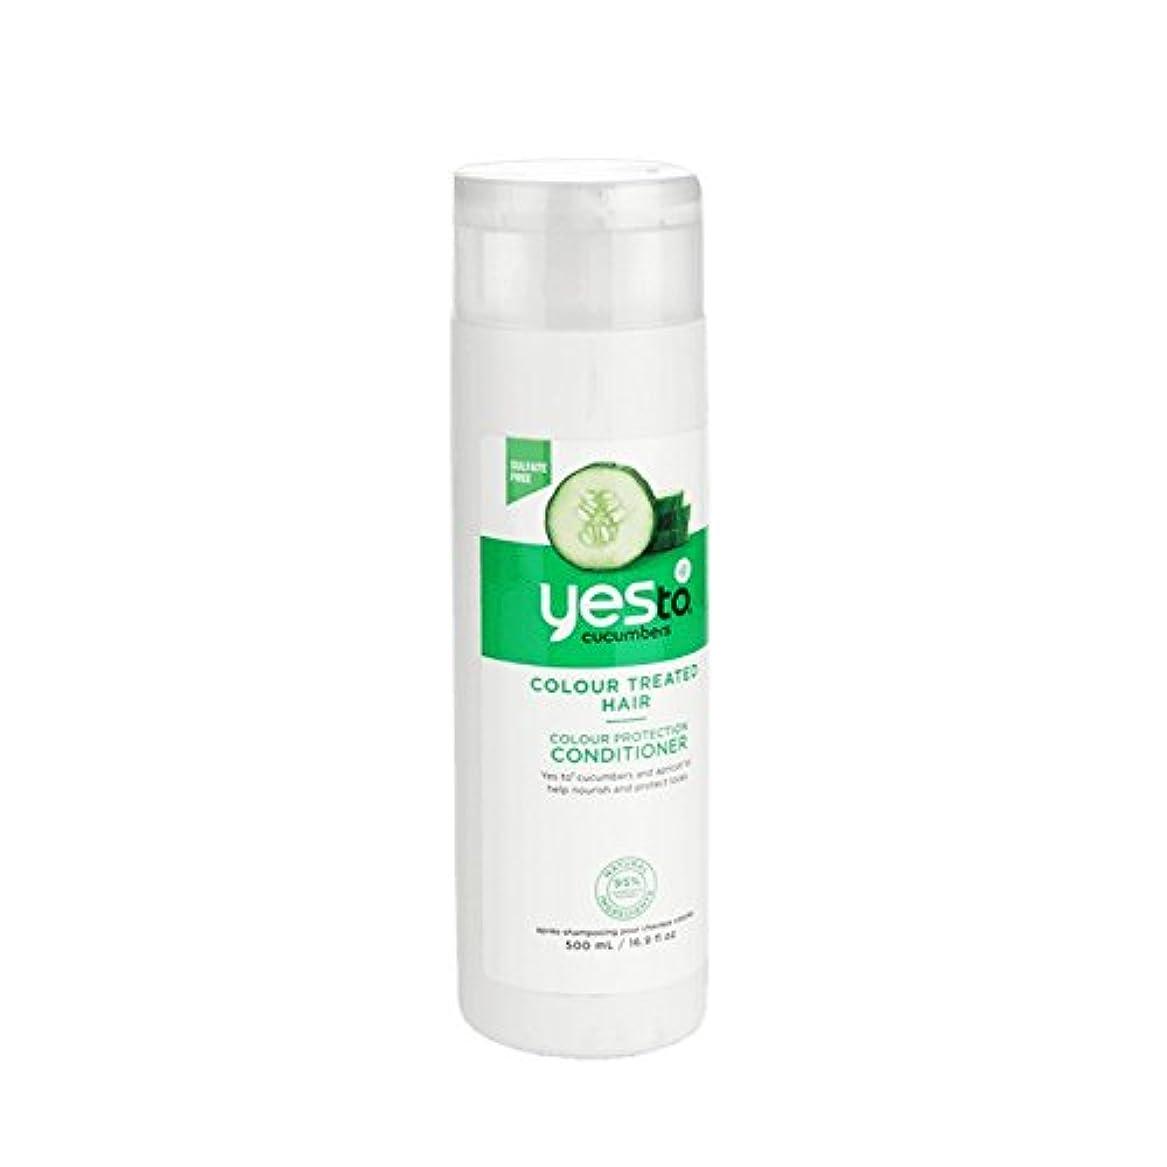 妻嵐のブランクはいキュウリの色の保護コンディショナー500ミリリットルへ - Yes To Cucumbers Colour Protection Conditioner 500ml (Yes To) [並行輸入品]